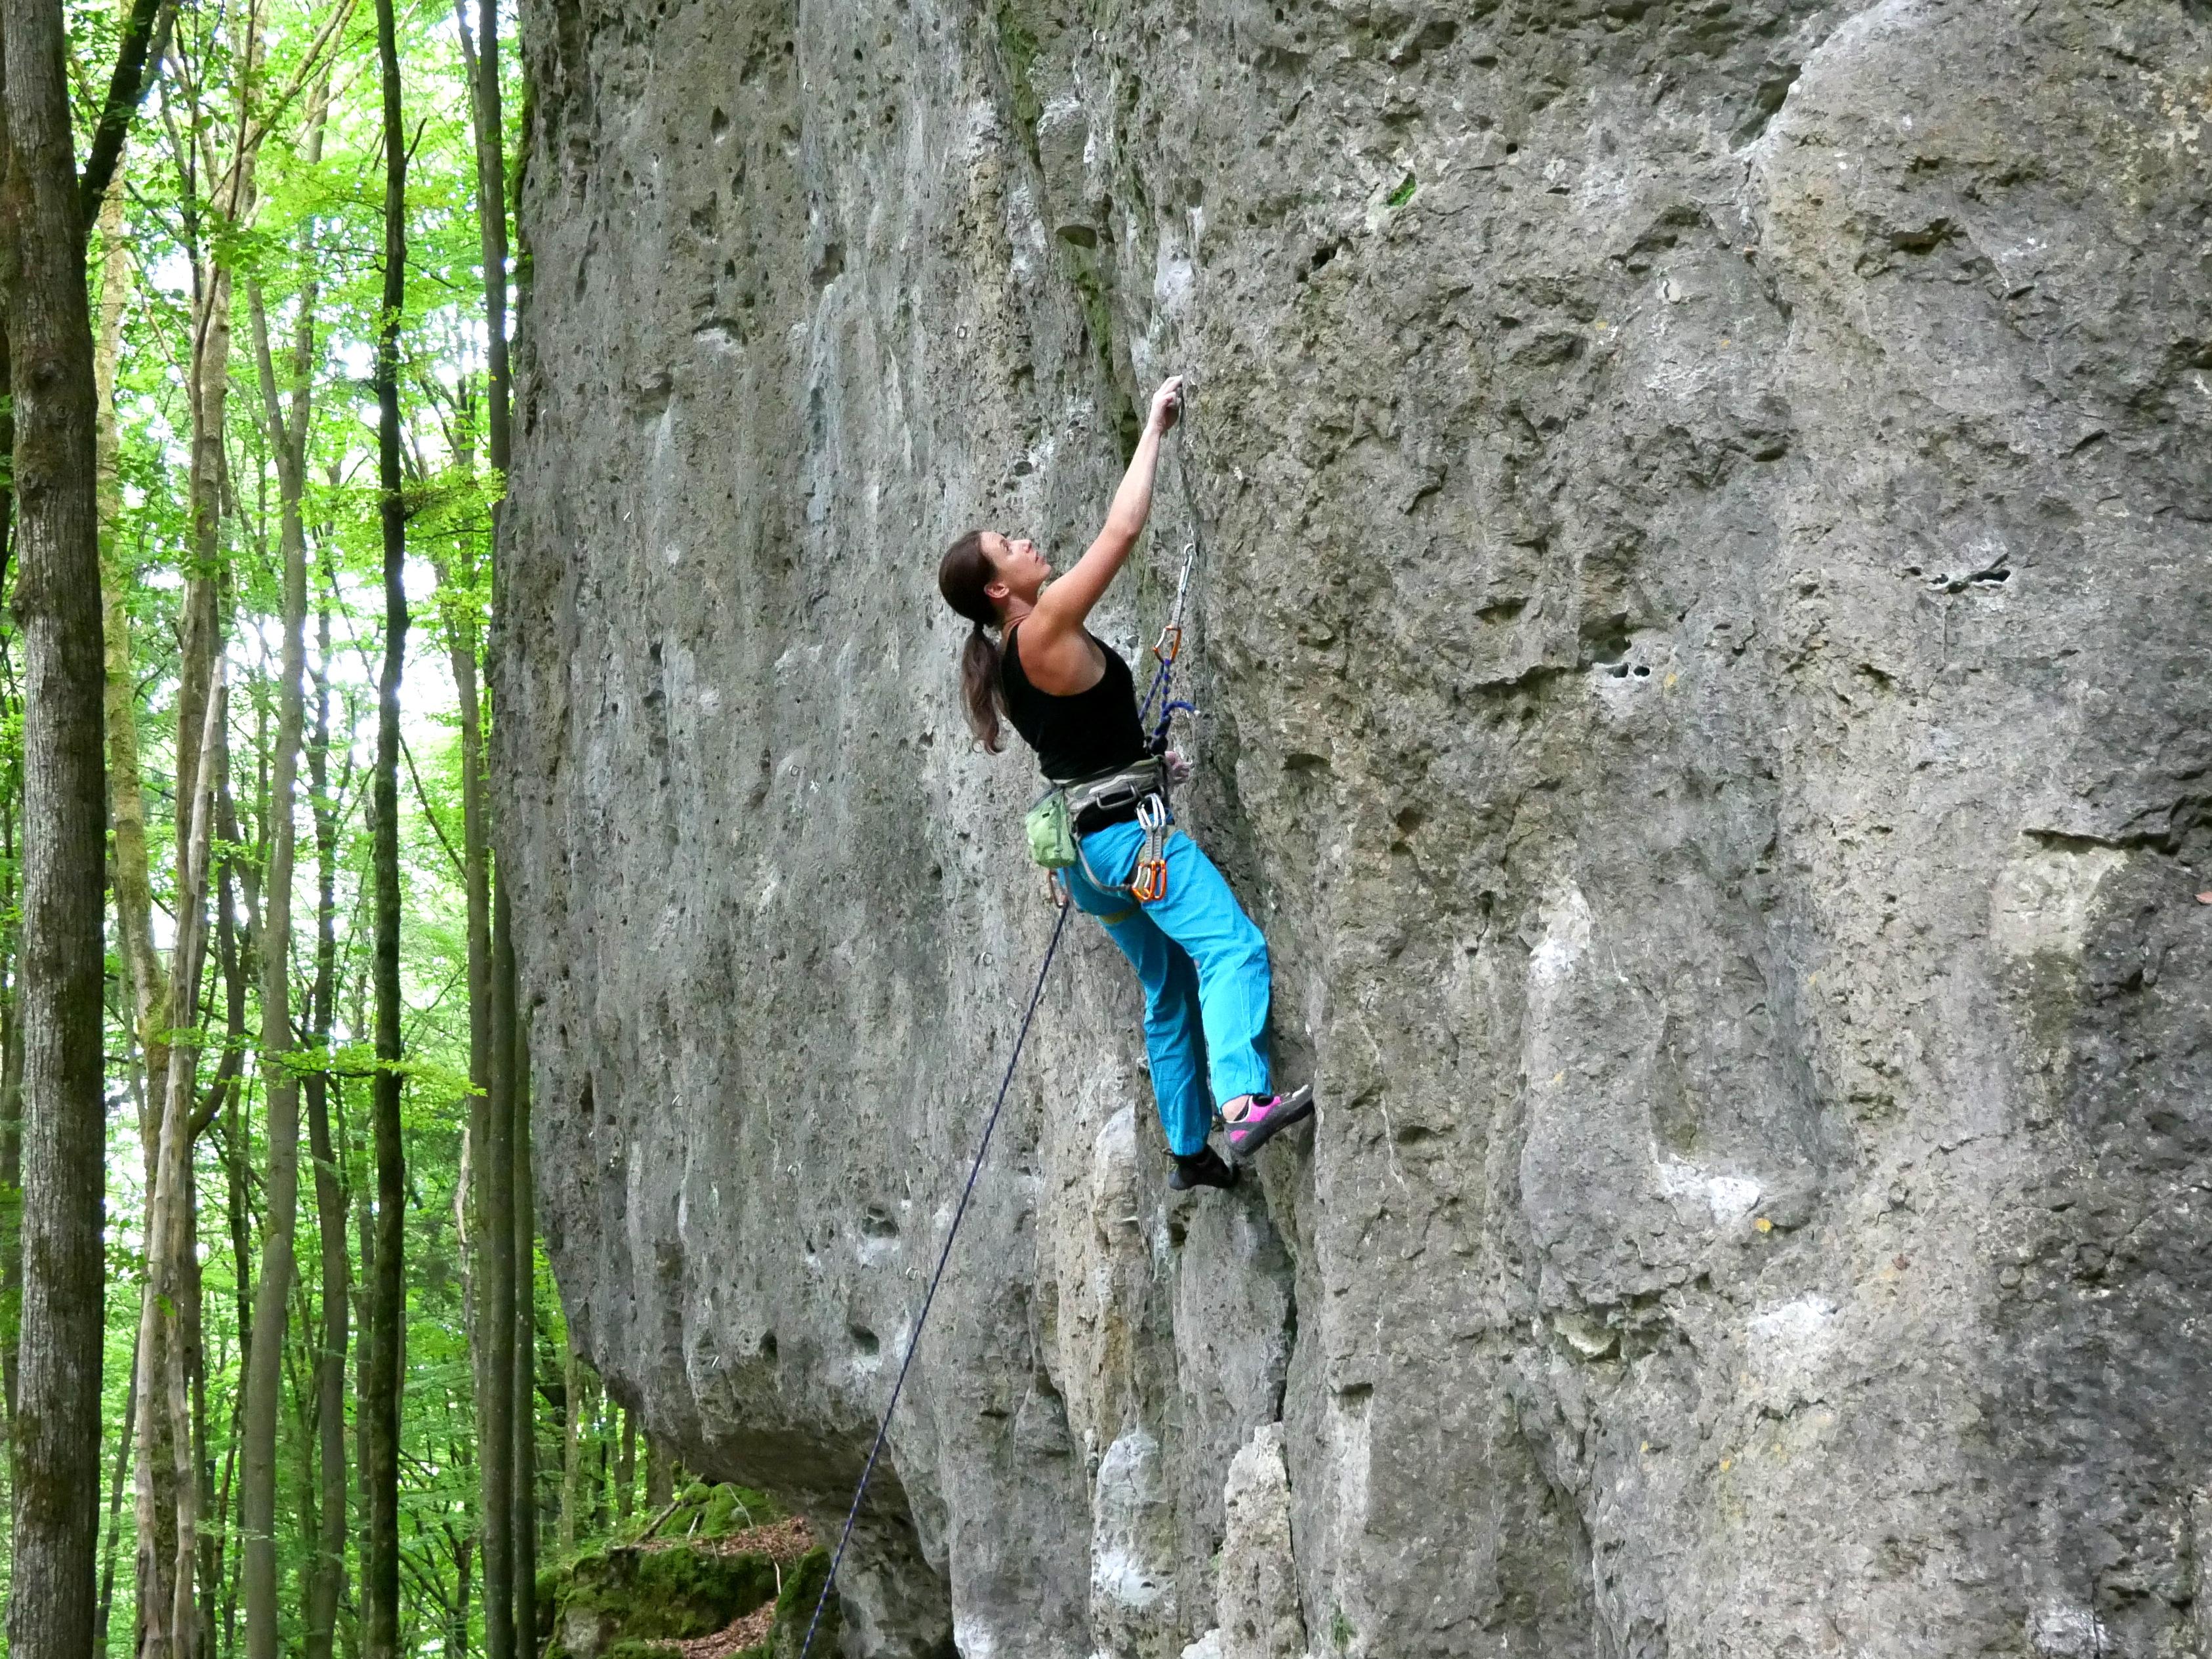 Klettertraining für anfänger wann soll ich mit training